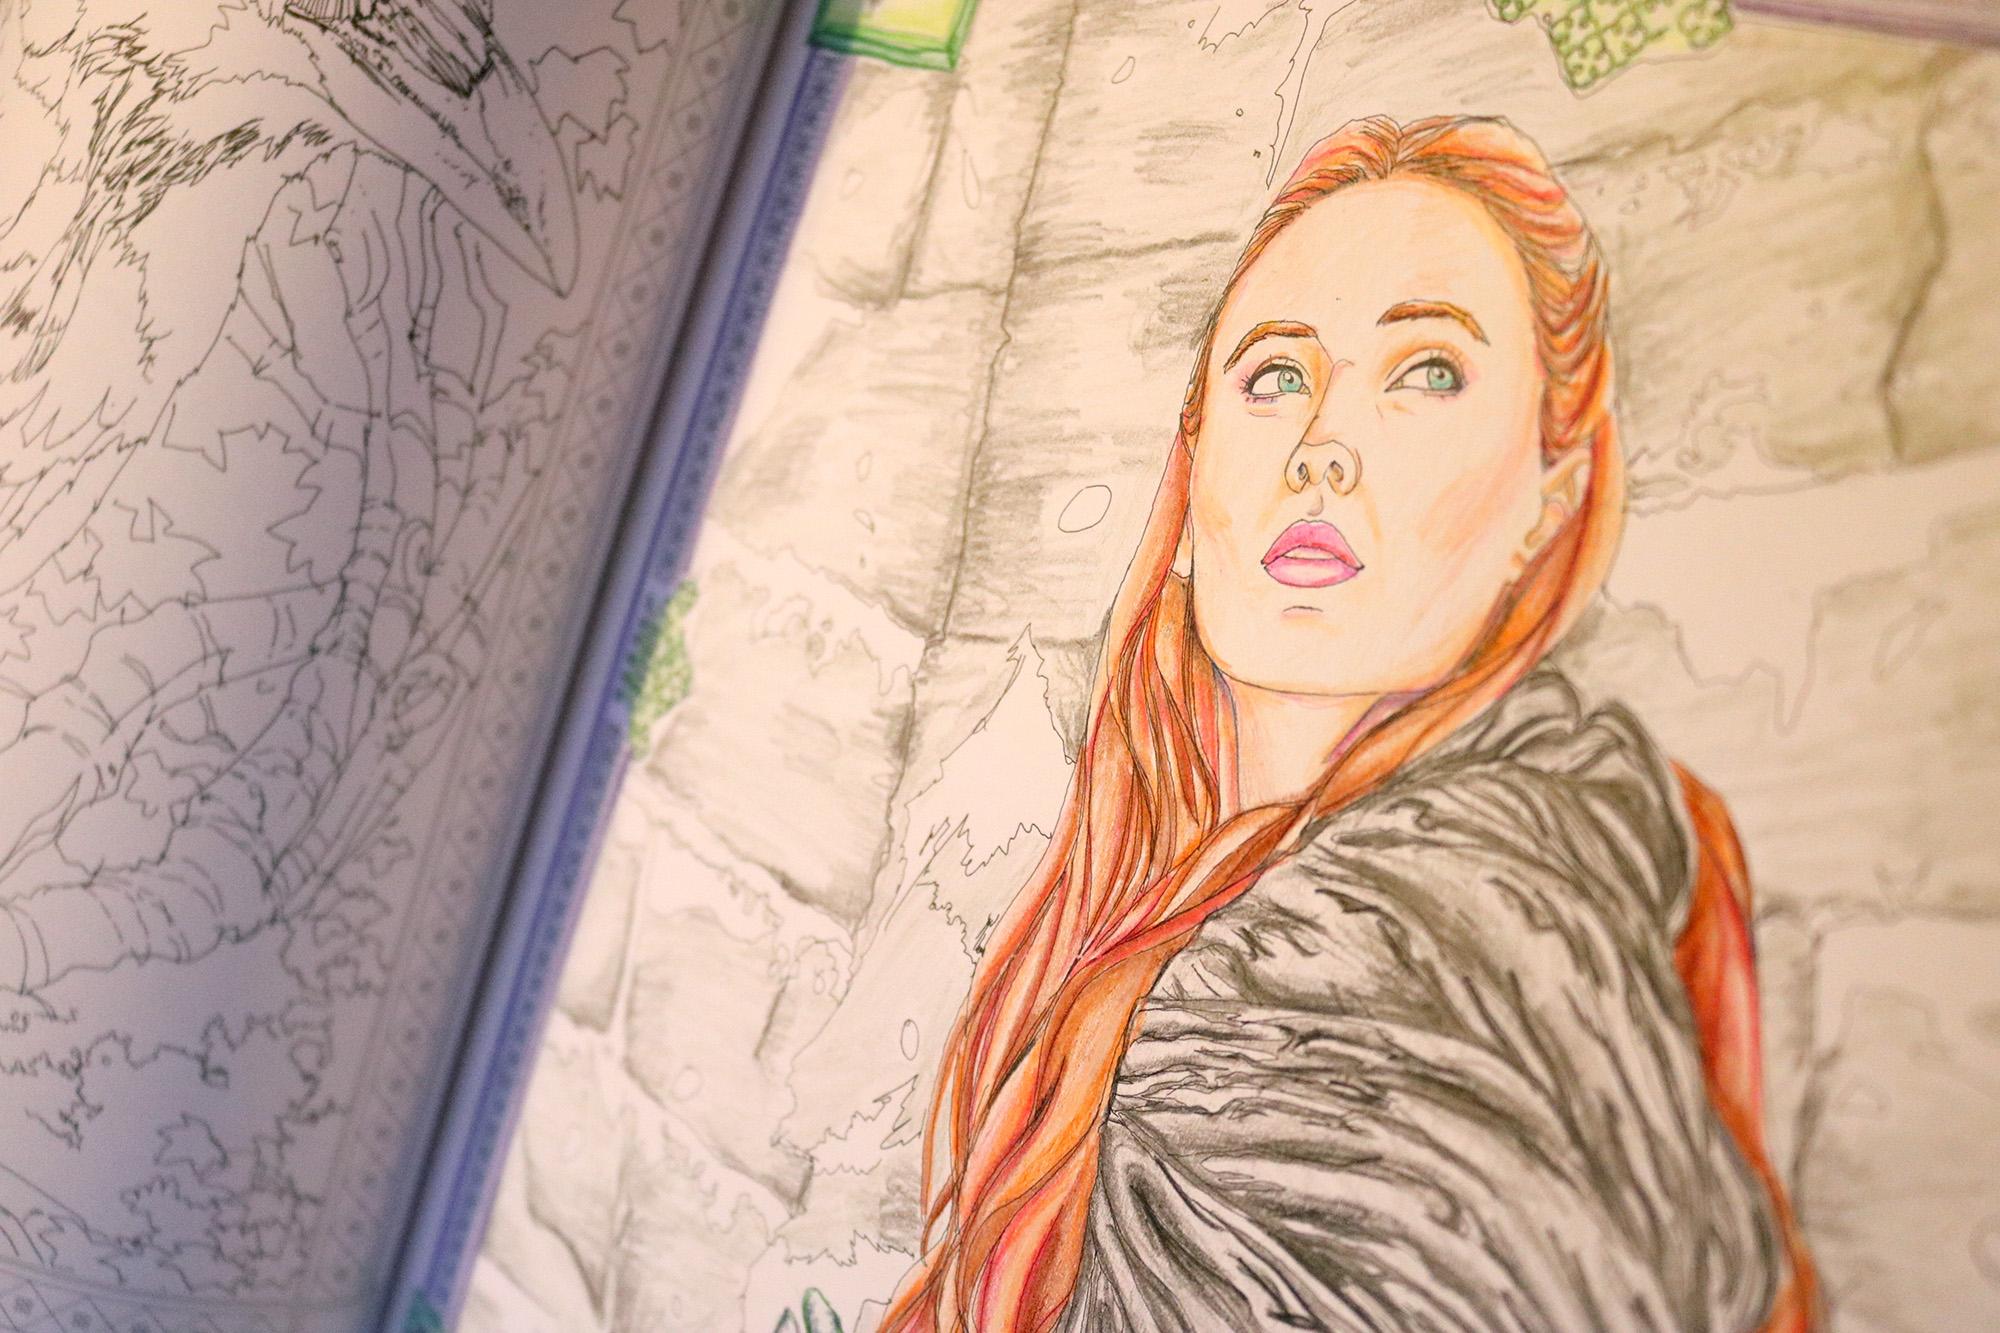 Sansa Stark coloring #6, Download drawings